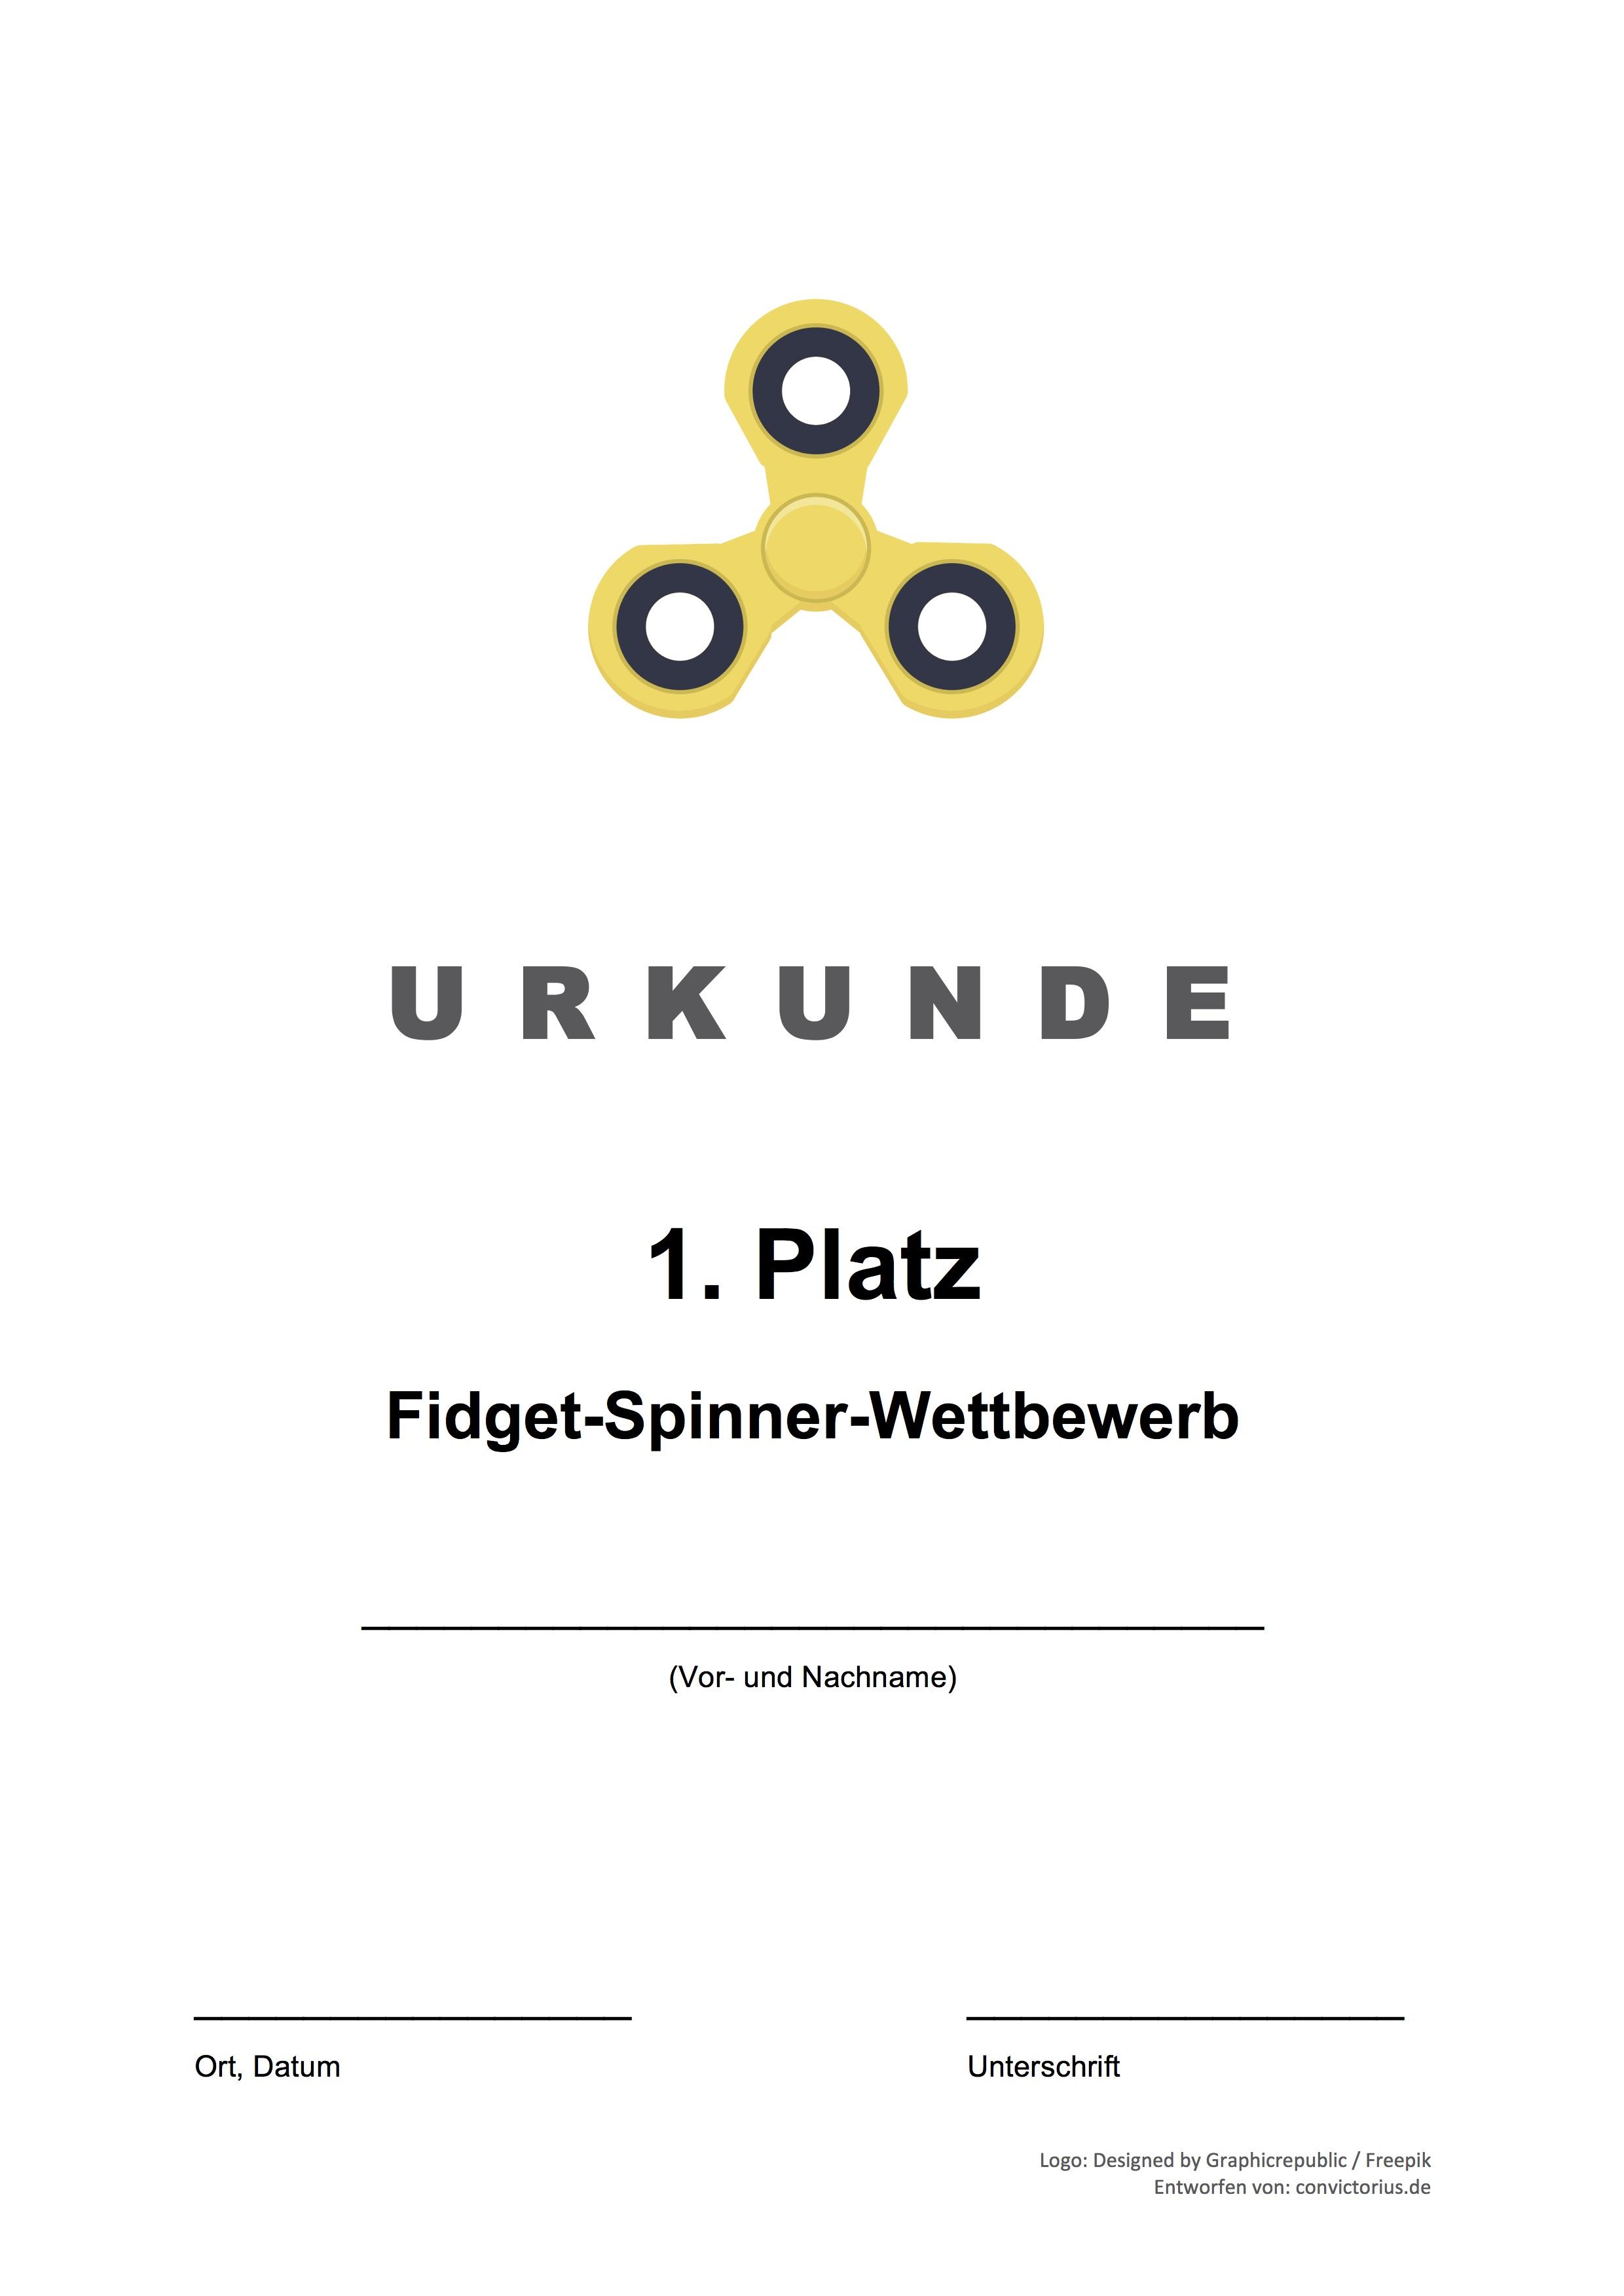 Fidget Spinner Wettbewerb Urkunde Wettbewerb